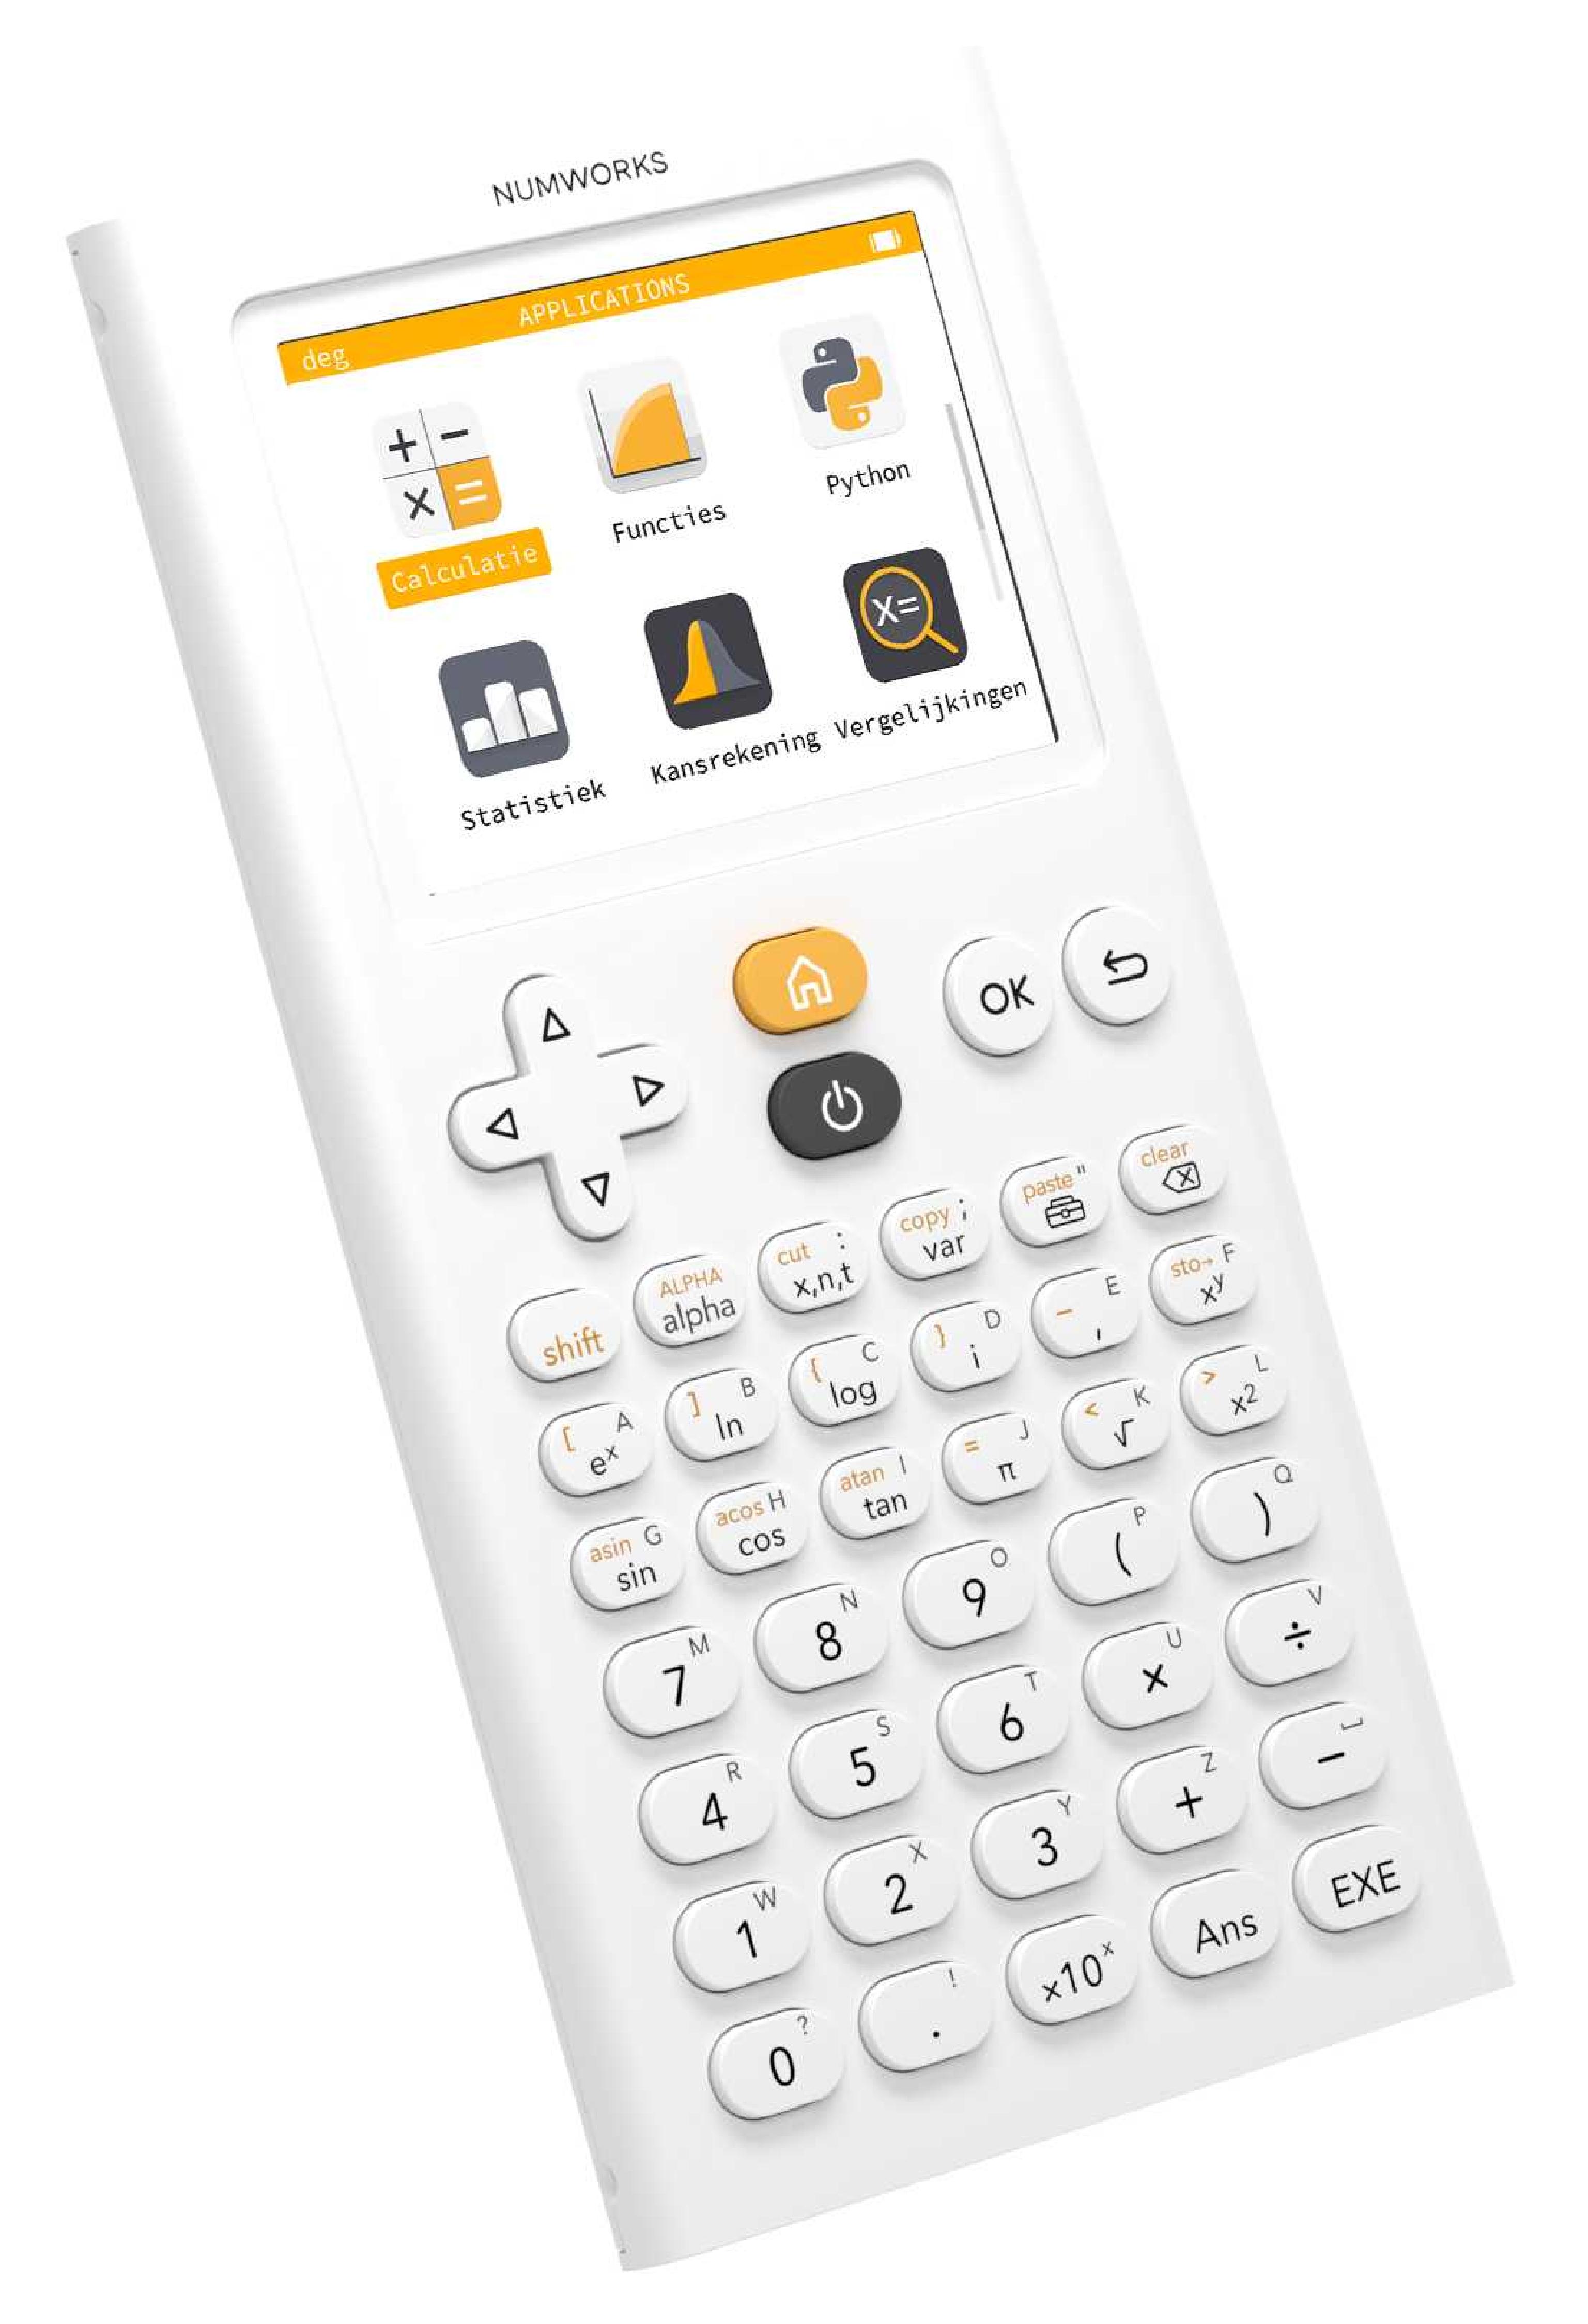 calculator productshot 2